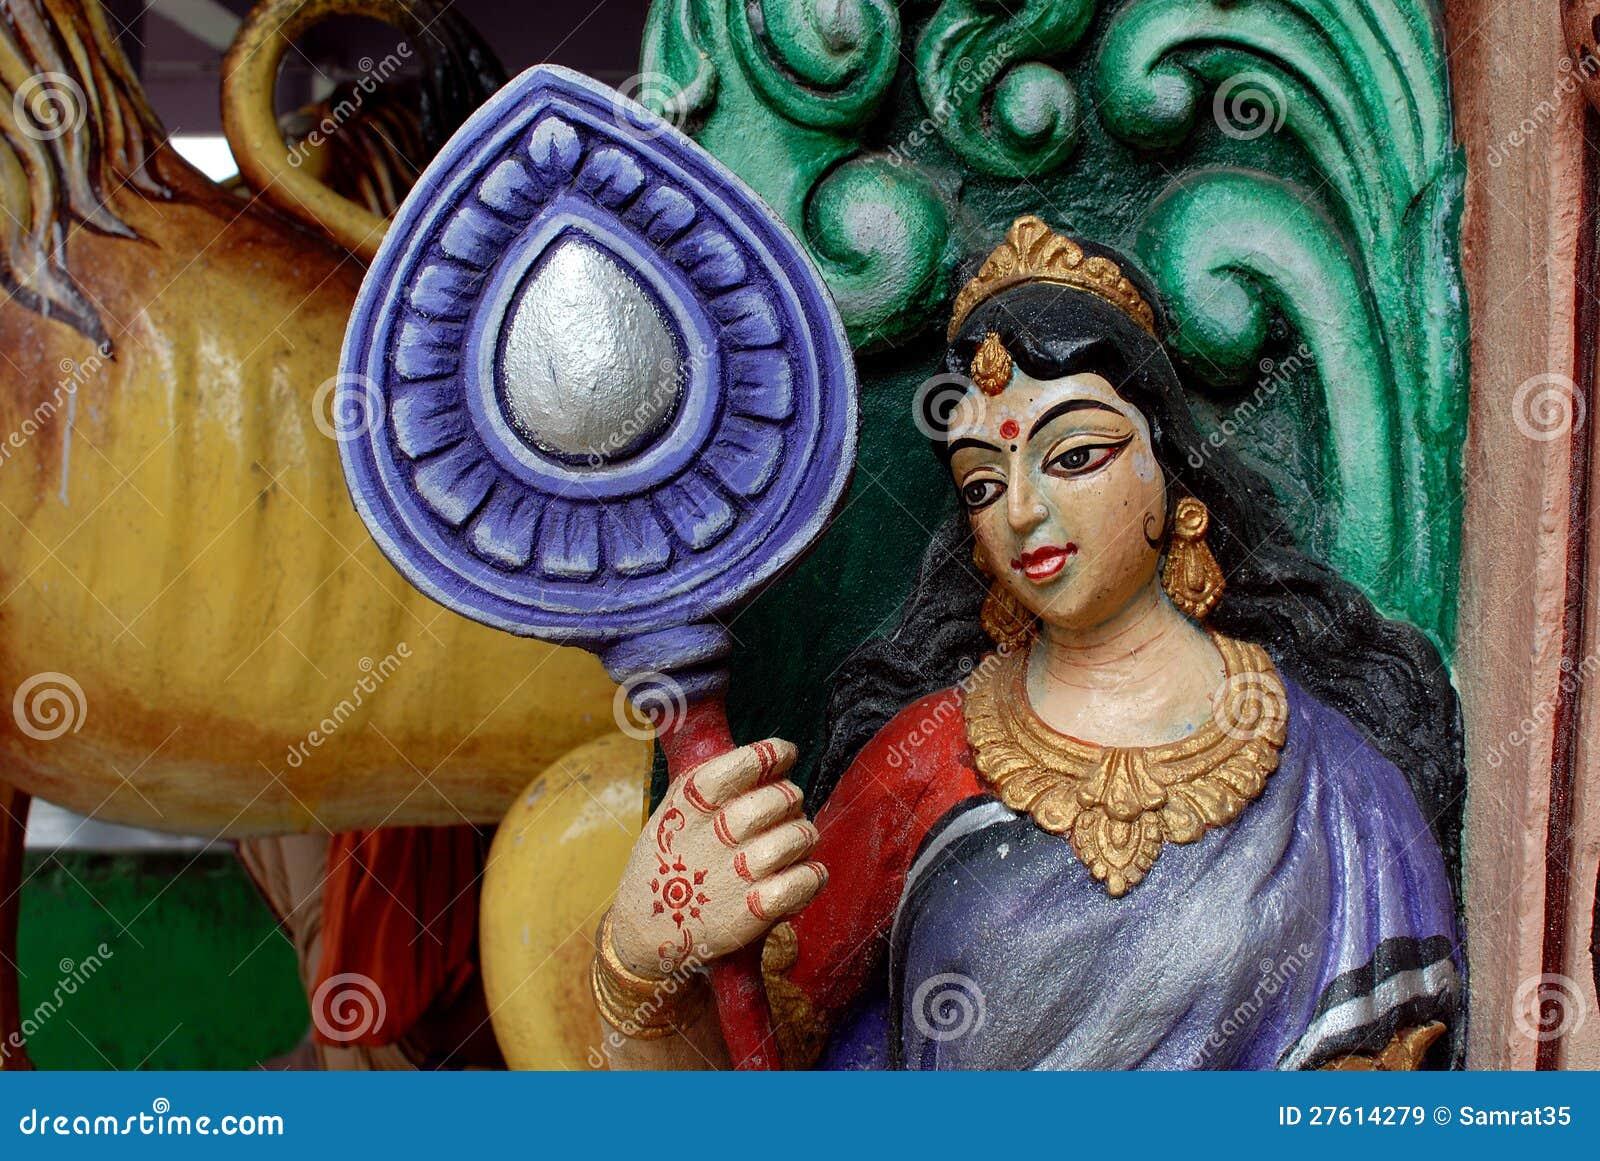 Wichsen Auf Indische Art